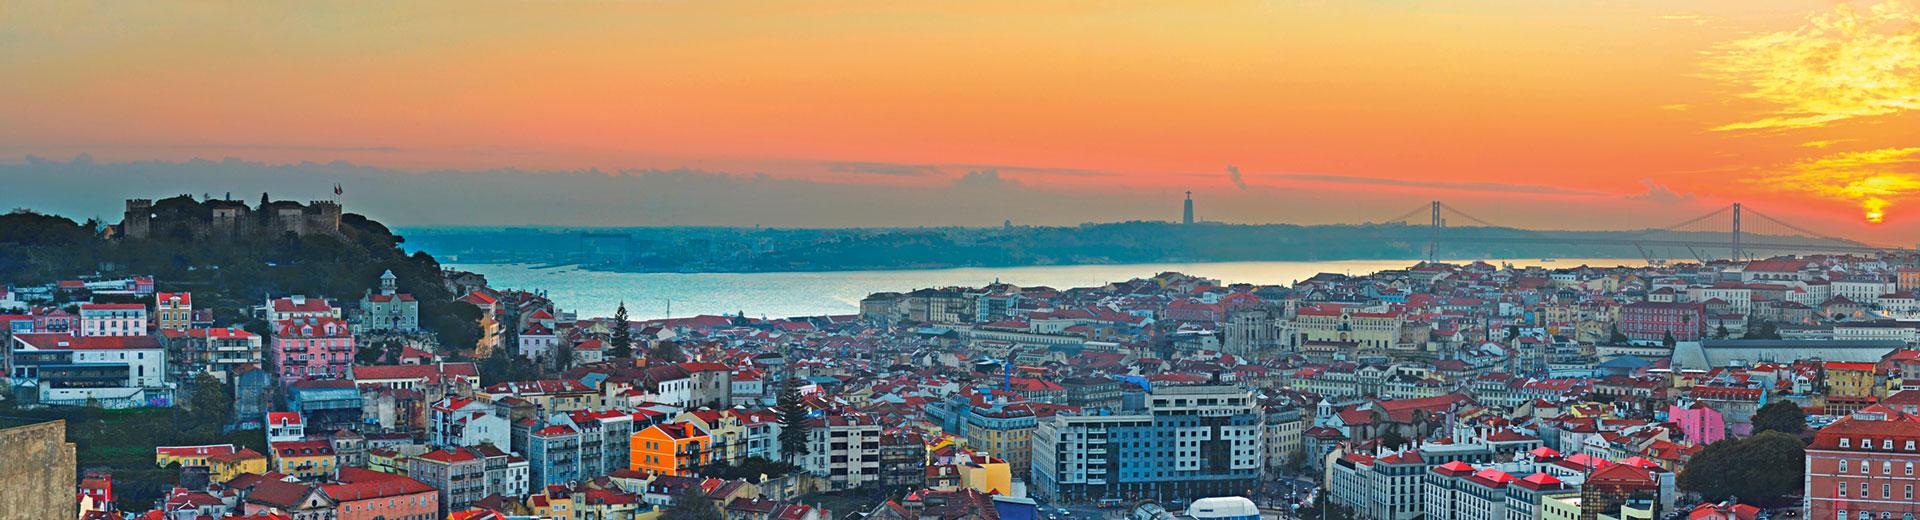 Voyages en groupe Lisbonne - offre Classique